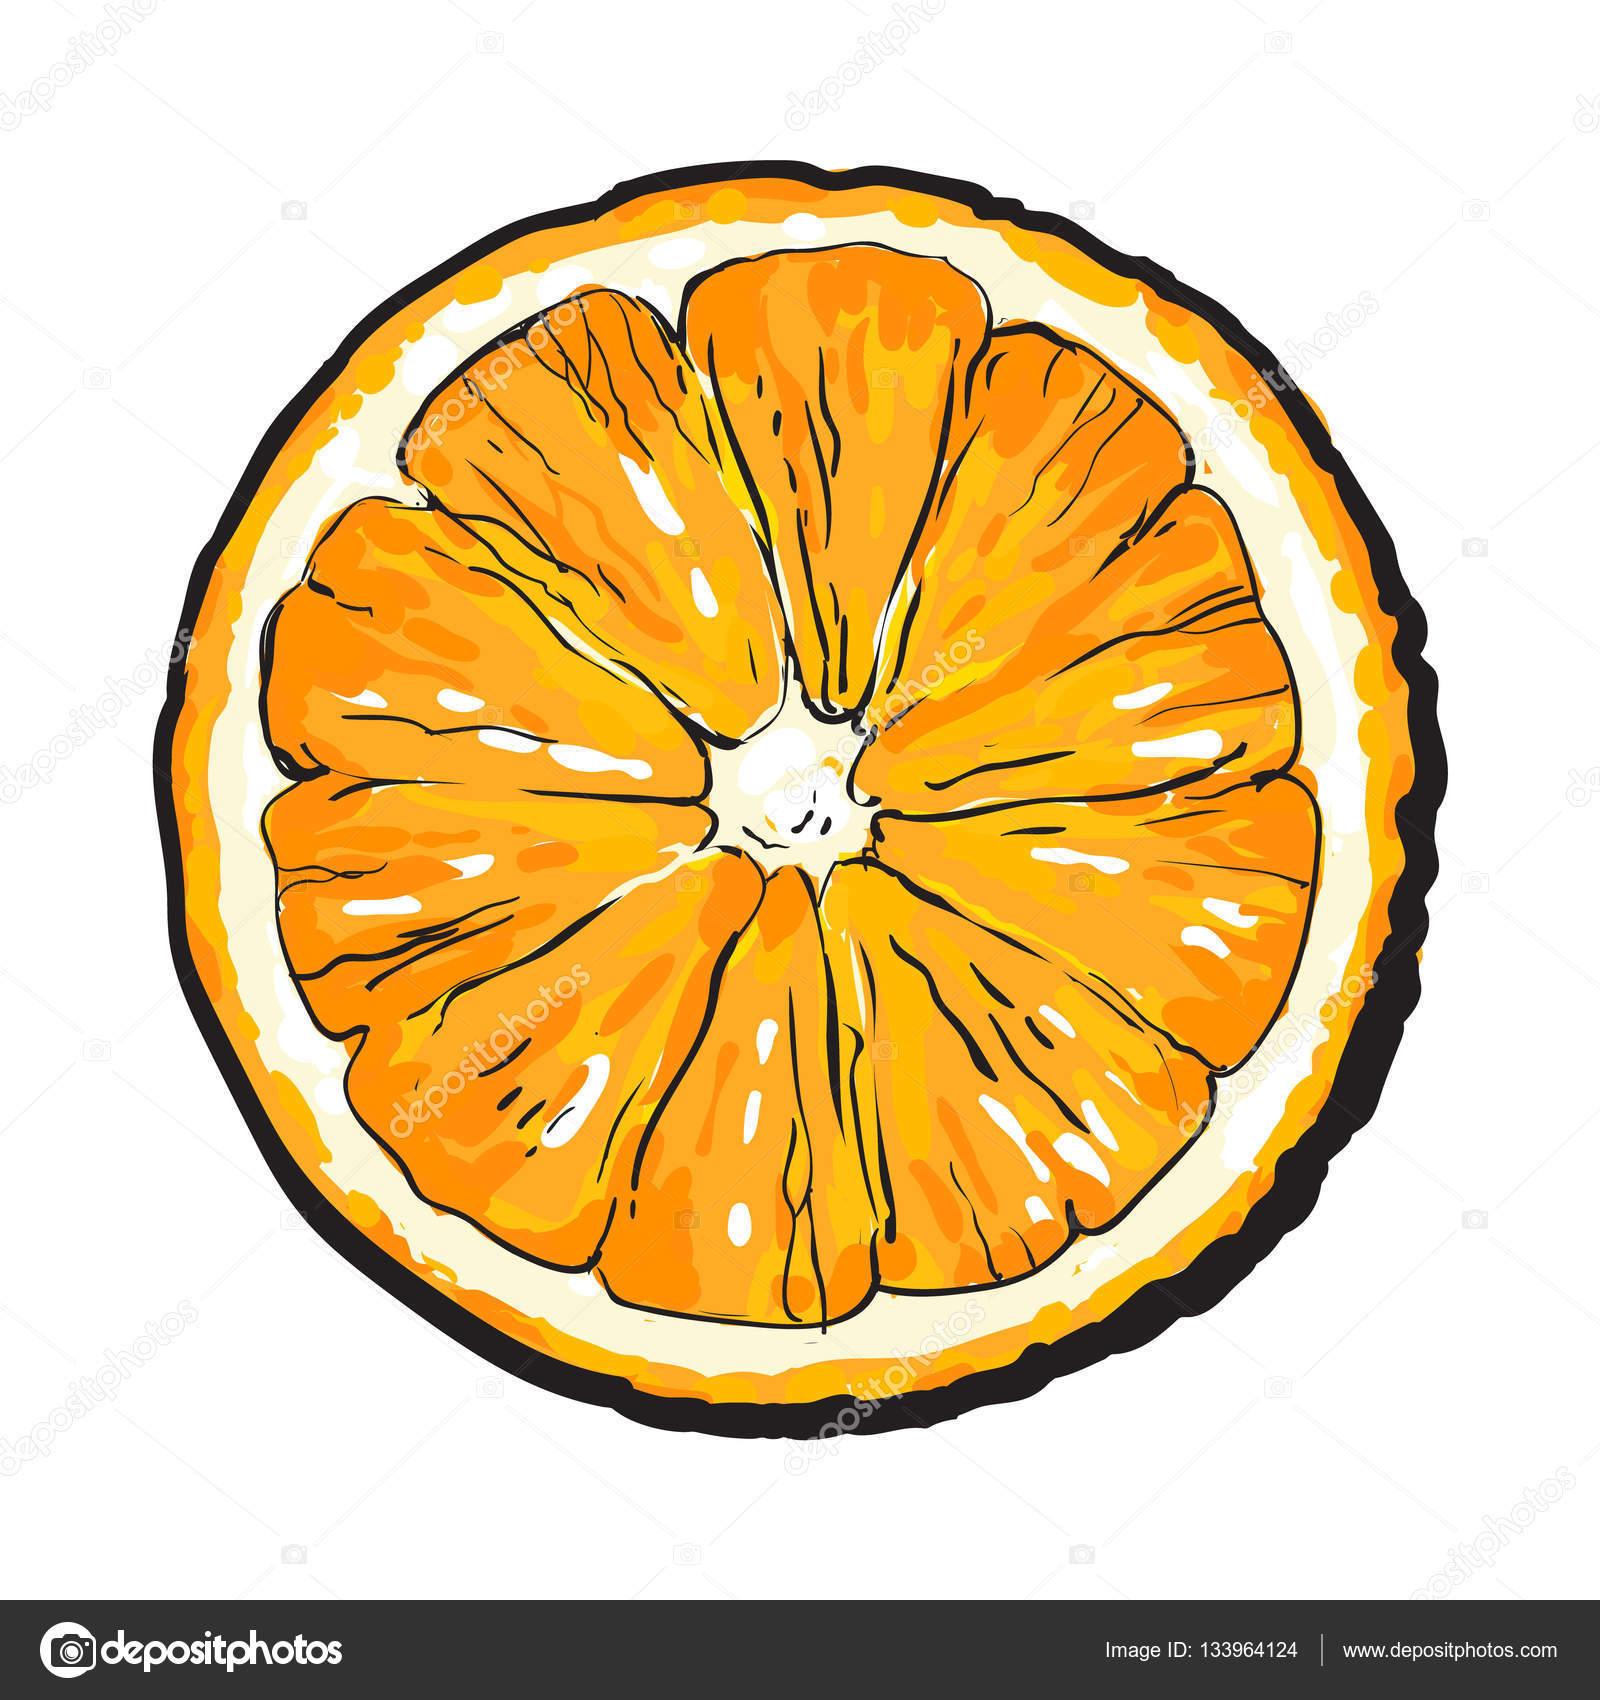 Colorful main dessin e rond tranche d orange avec la - Pelure d orange pour parfumer ...